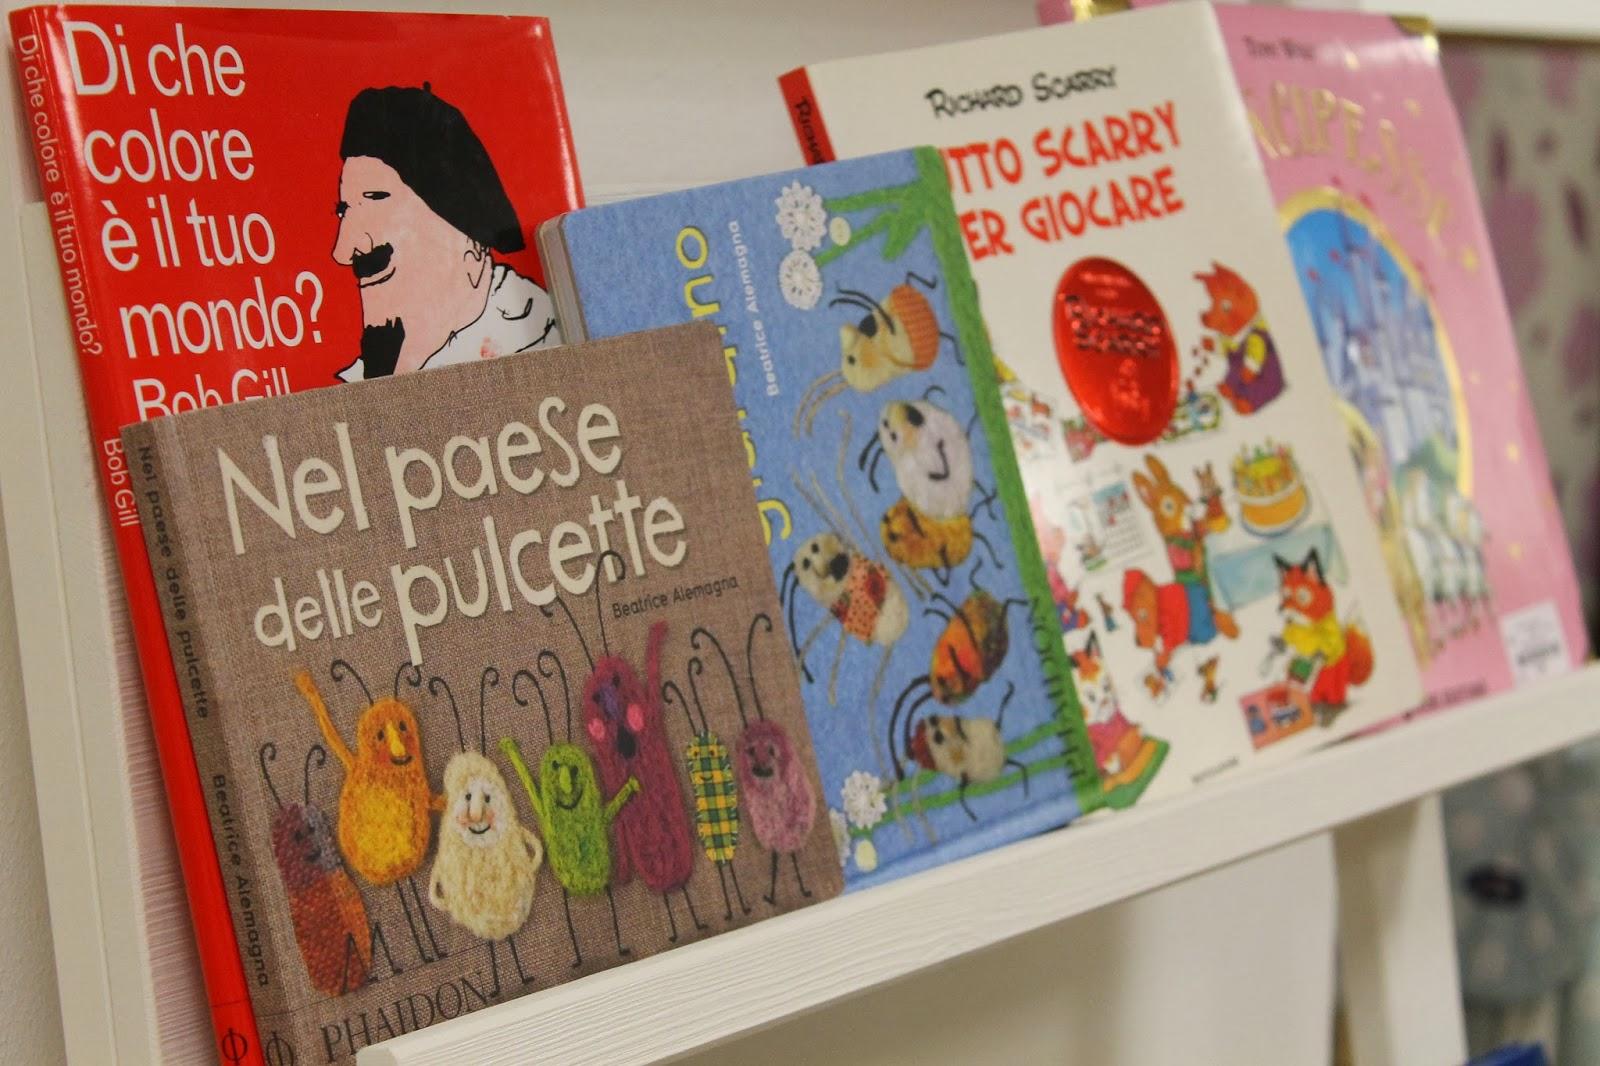 Sono al mondo il mondo delle pulcette for Libri in offerta